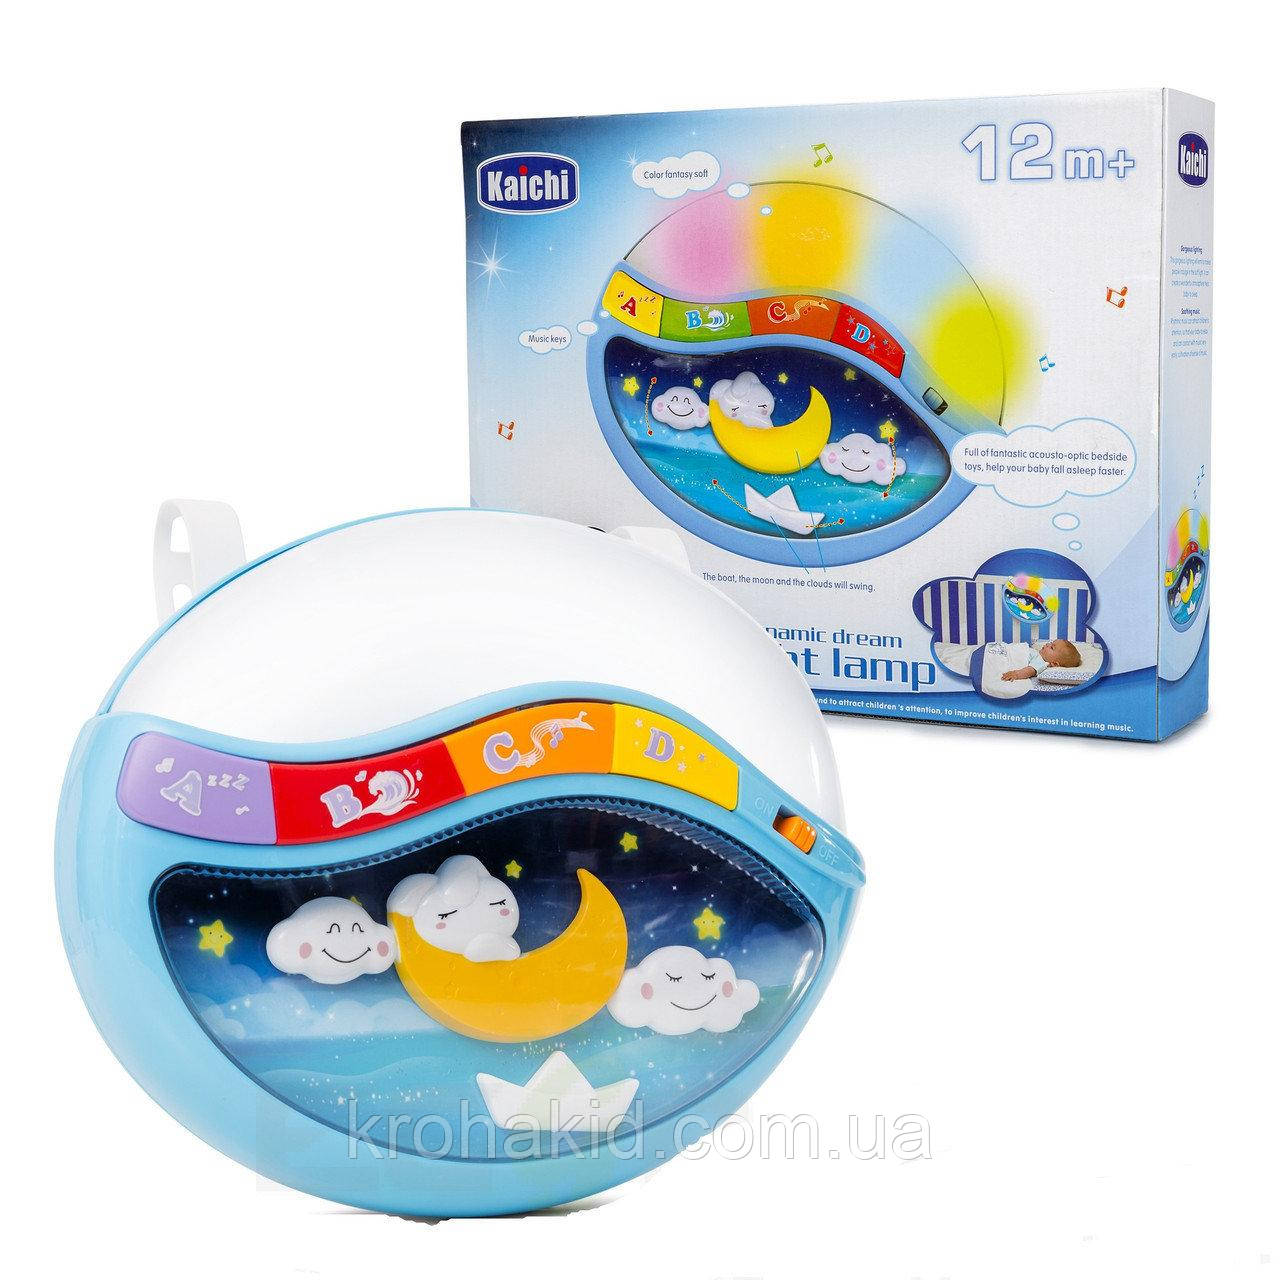 Дитячий музичний нічник / проектор 999-108 G звук,світло - блакитний